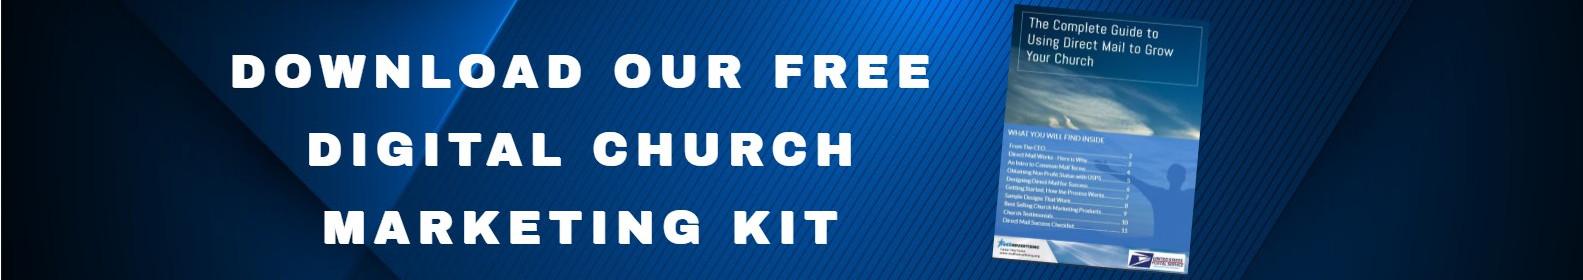 church marketing kit